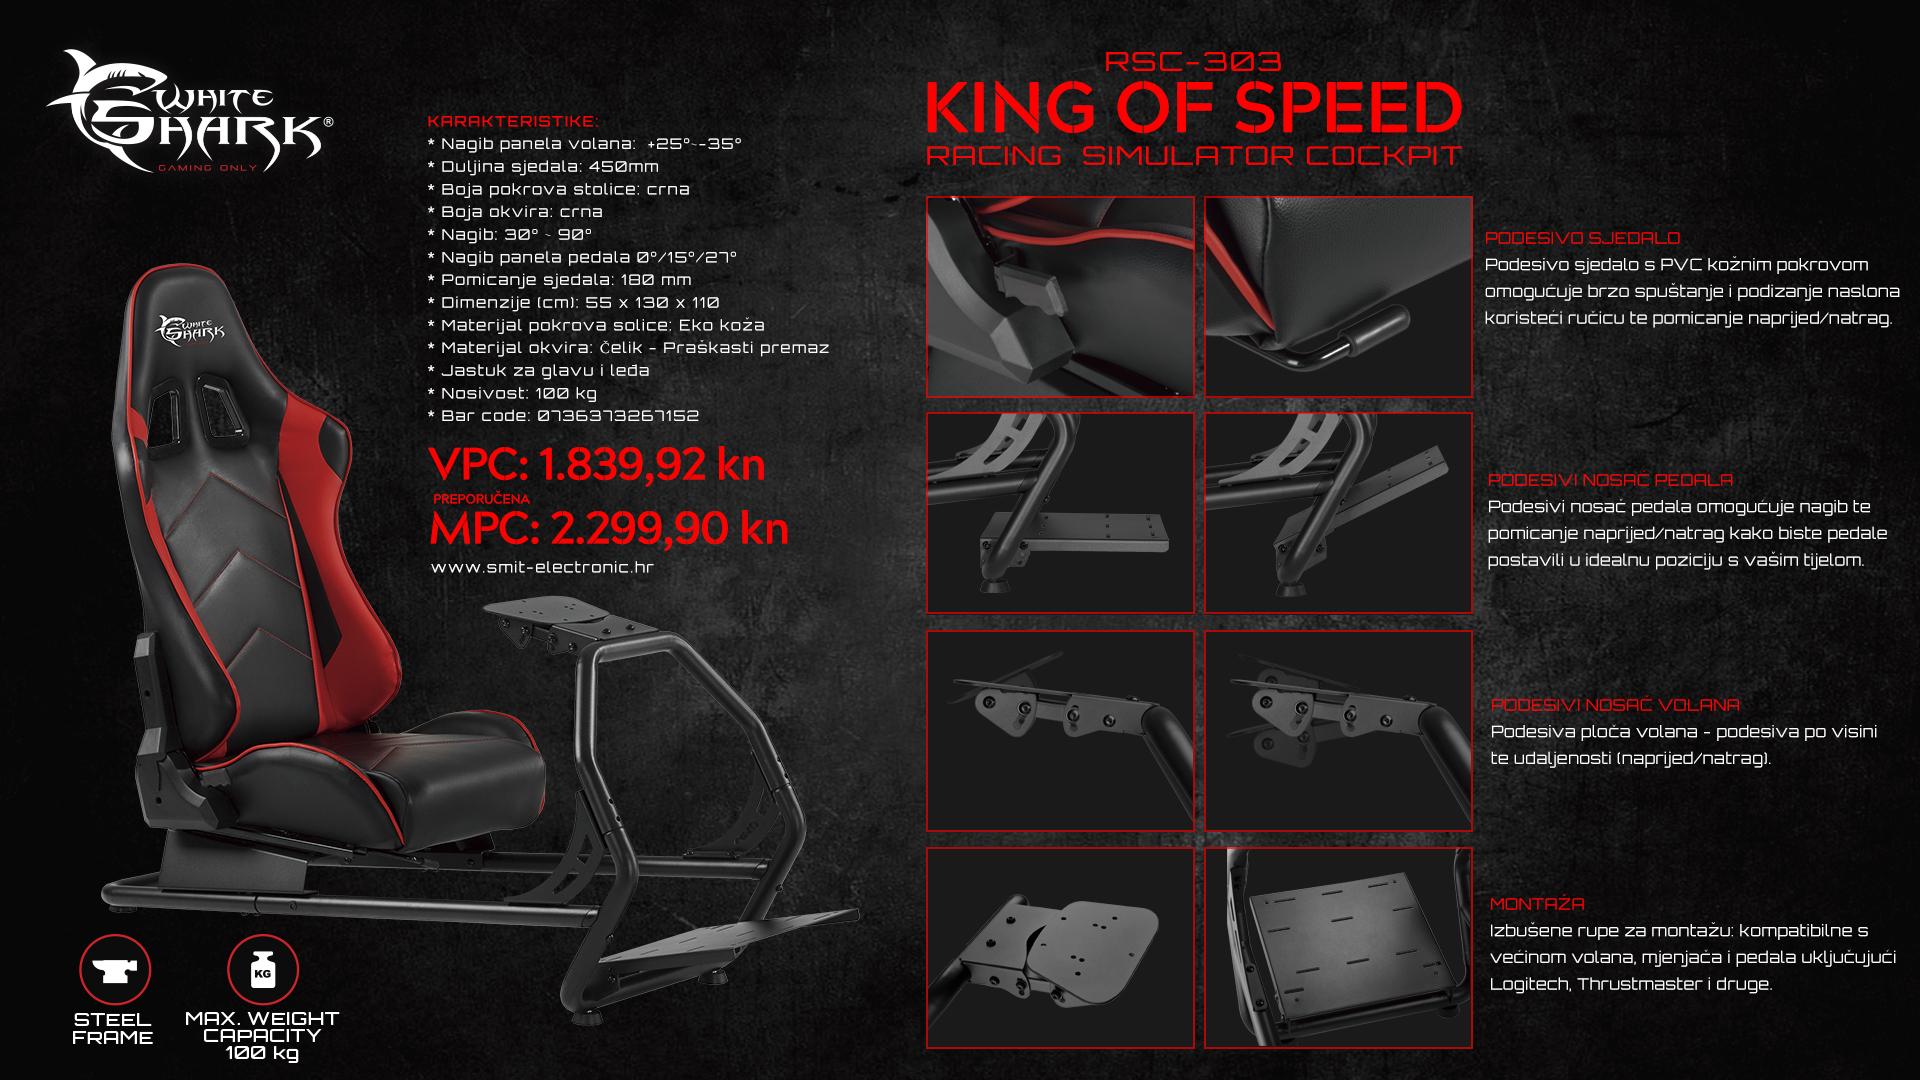 WhiteShark King of Speed